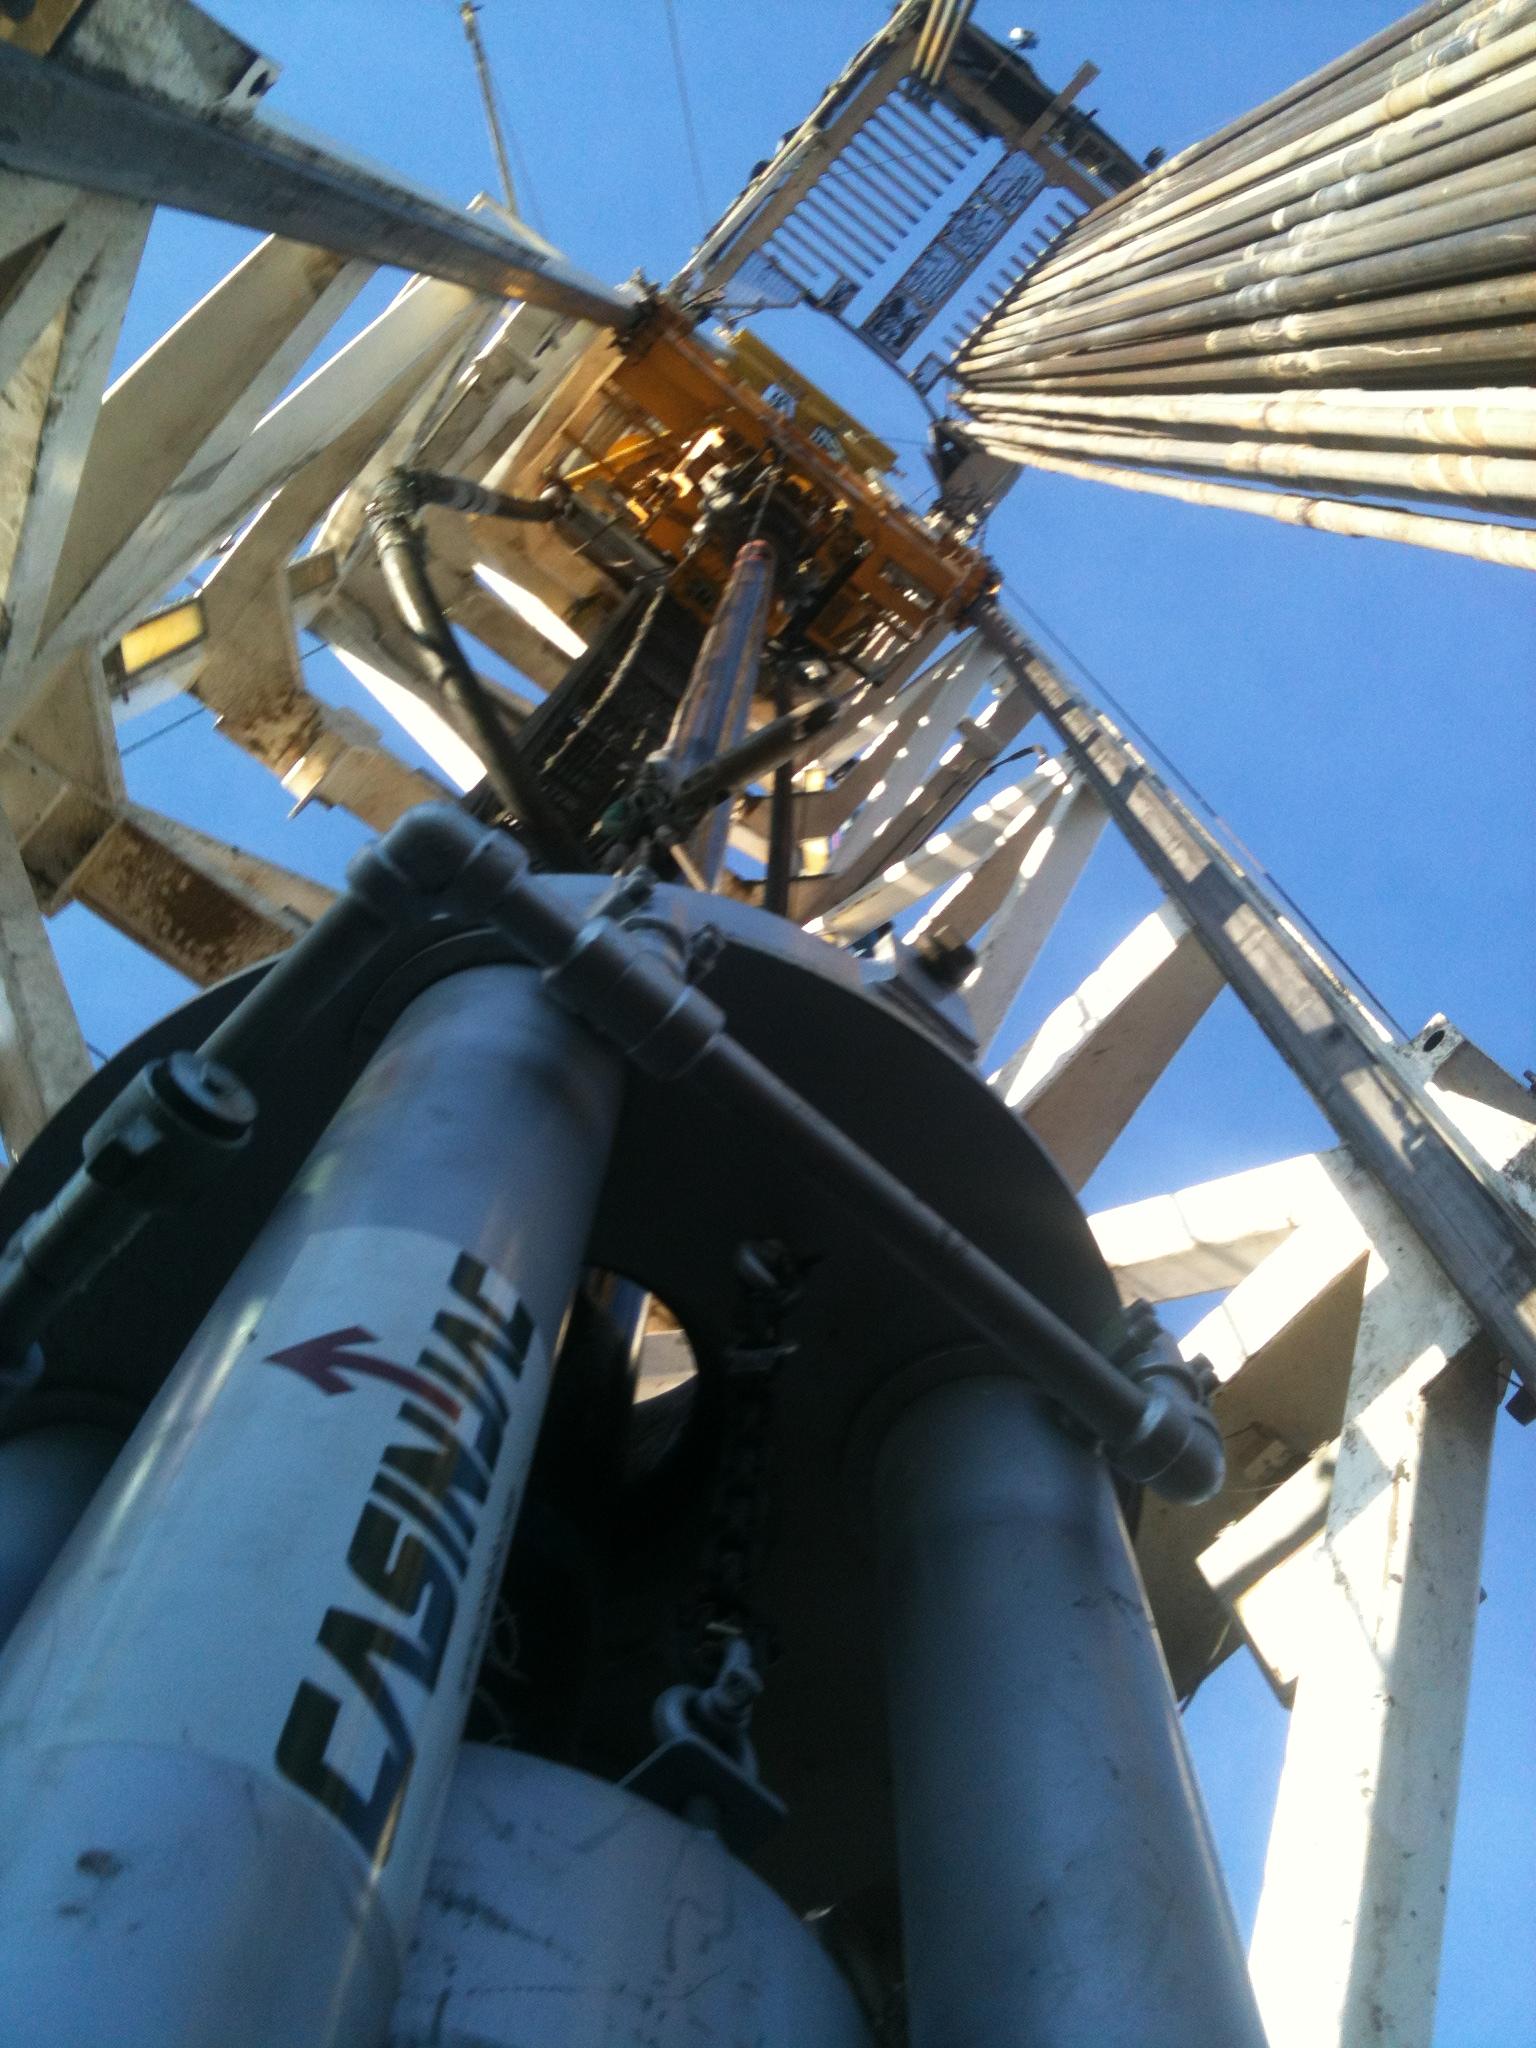 Model 282 casing jack set on drilling rig floor